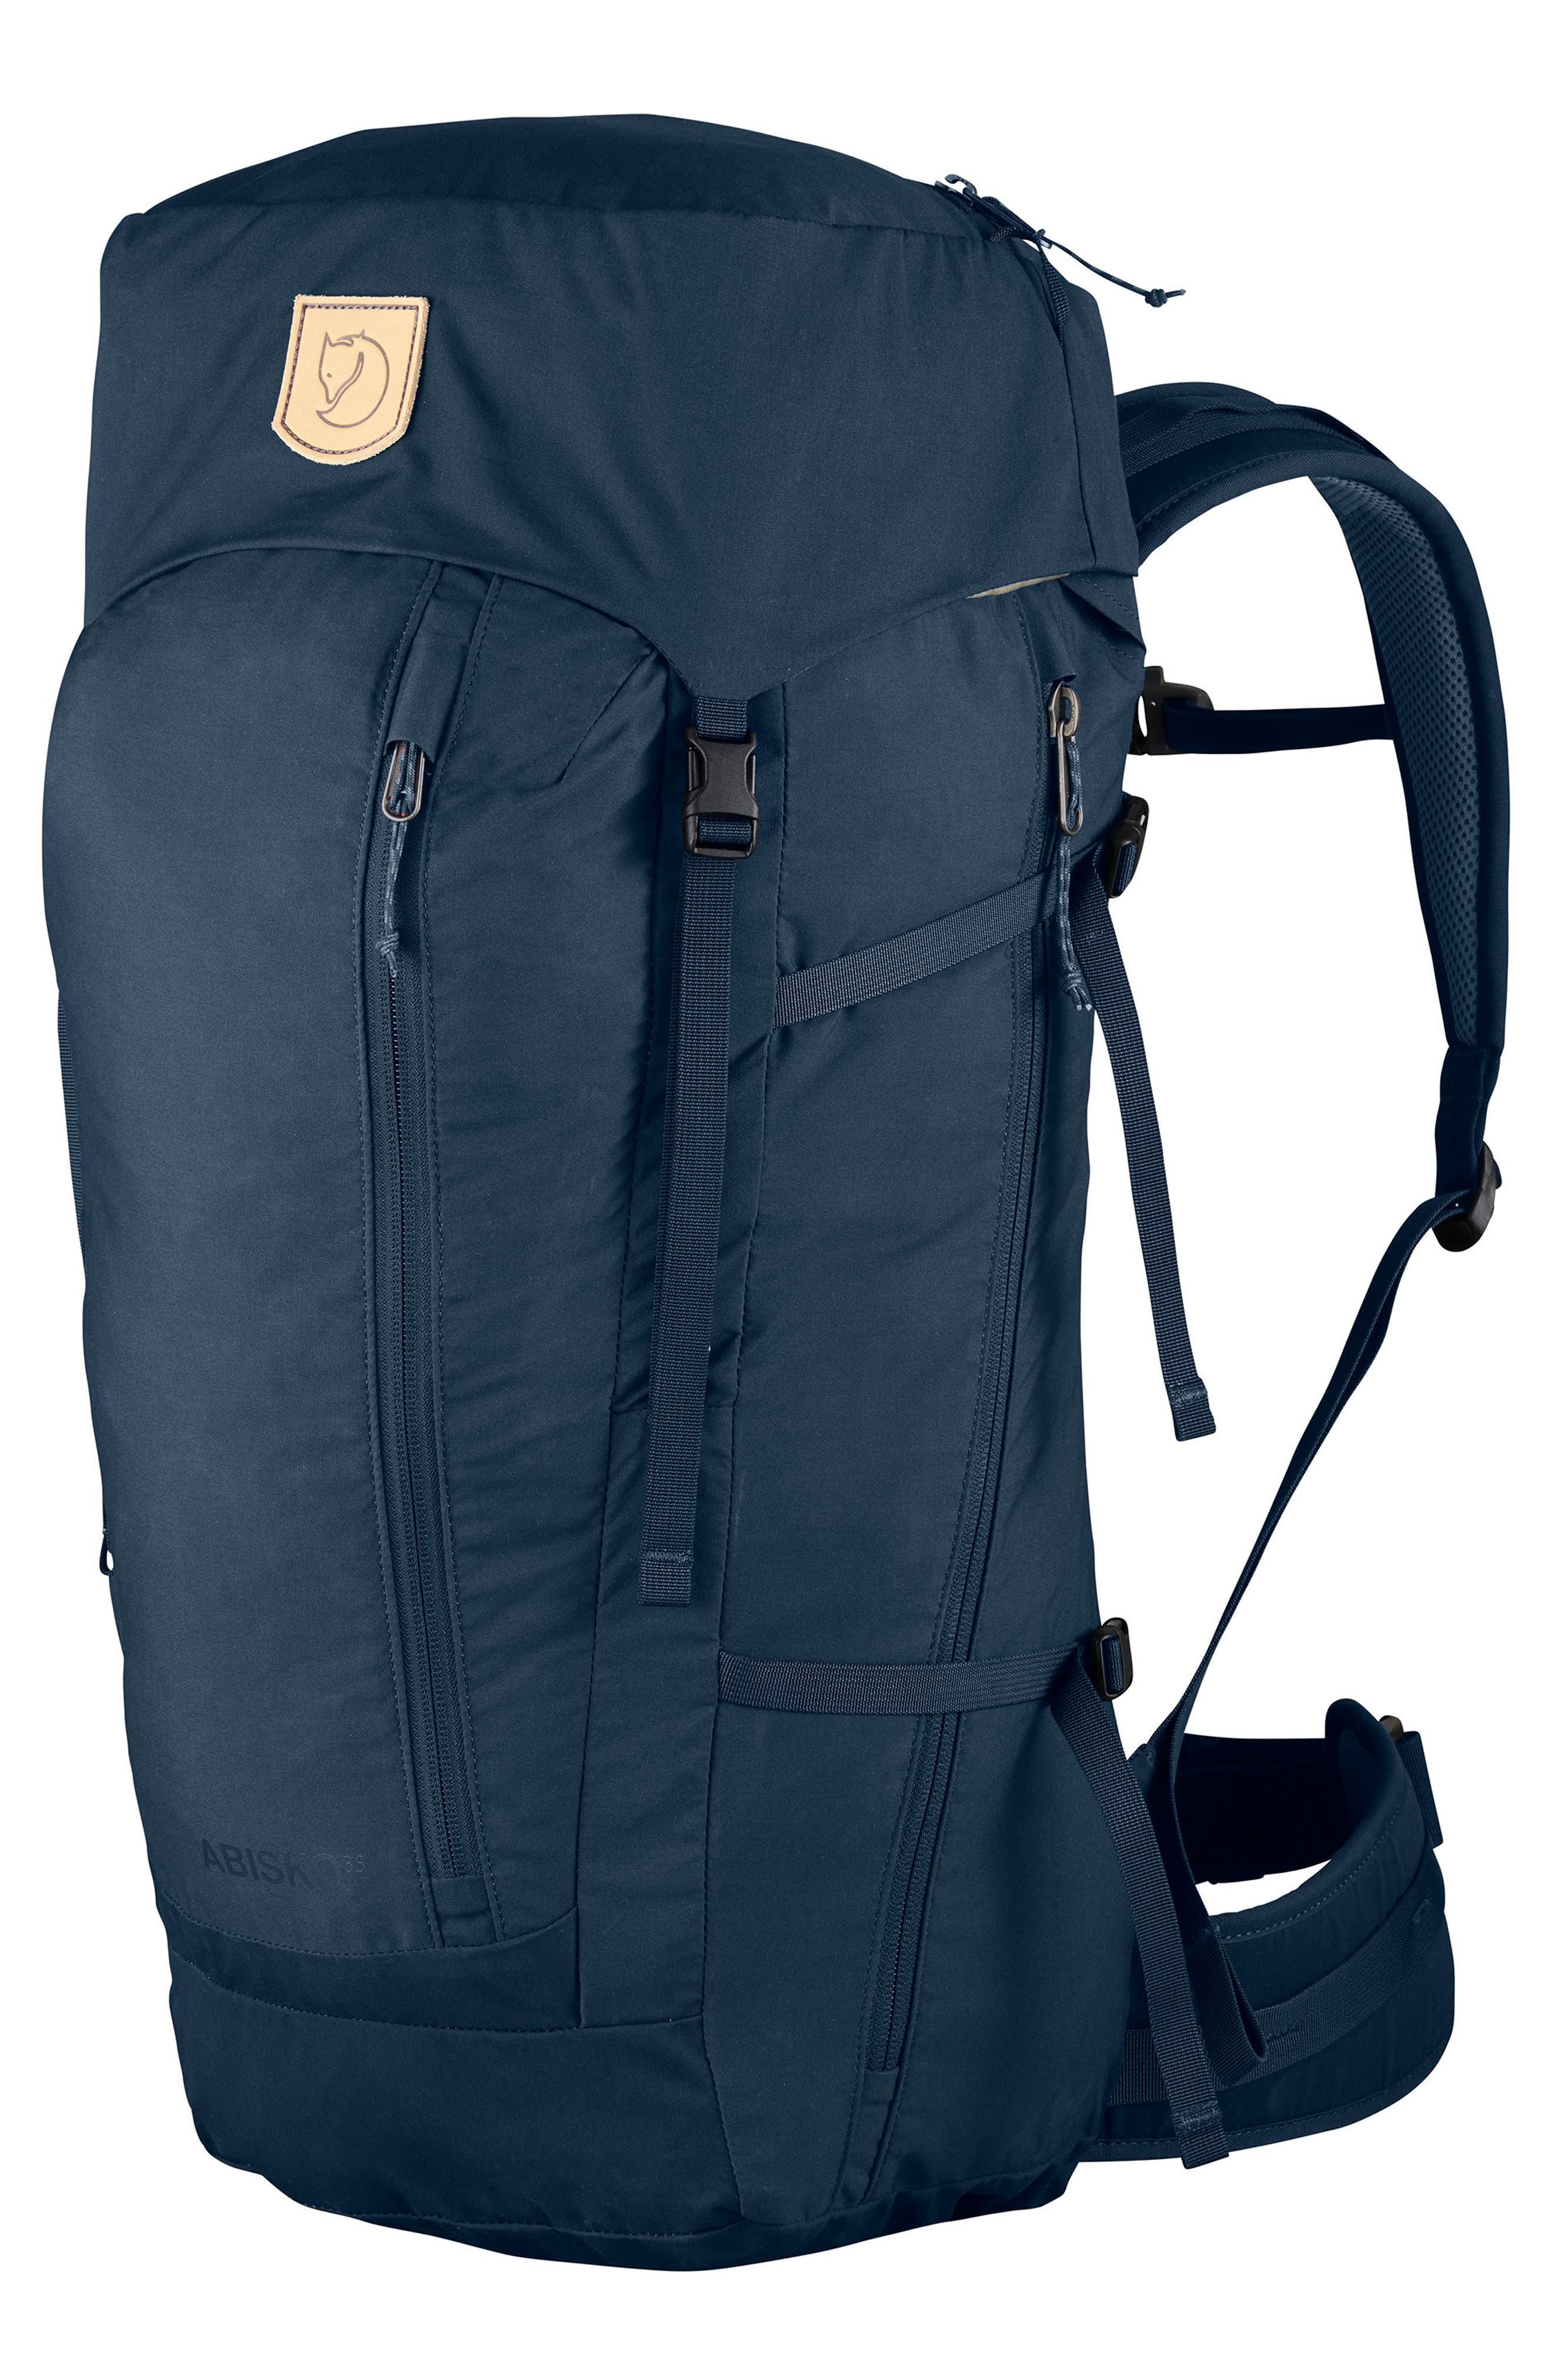 Fjällräven Abisko 35 Hiking Backpack